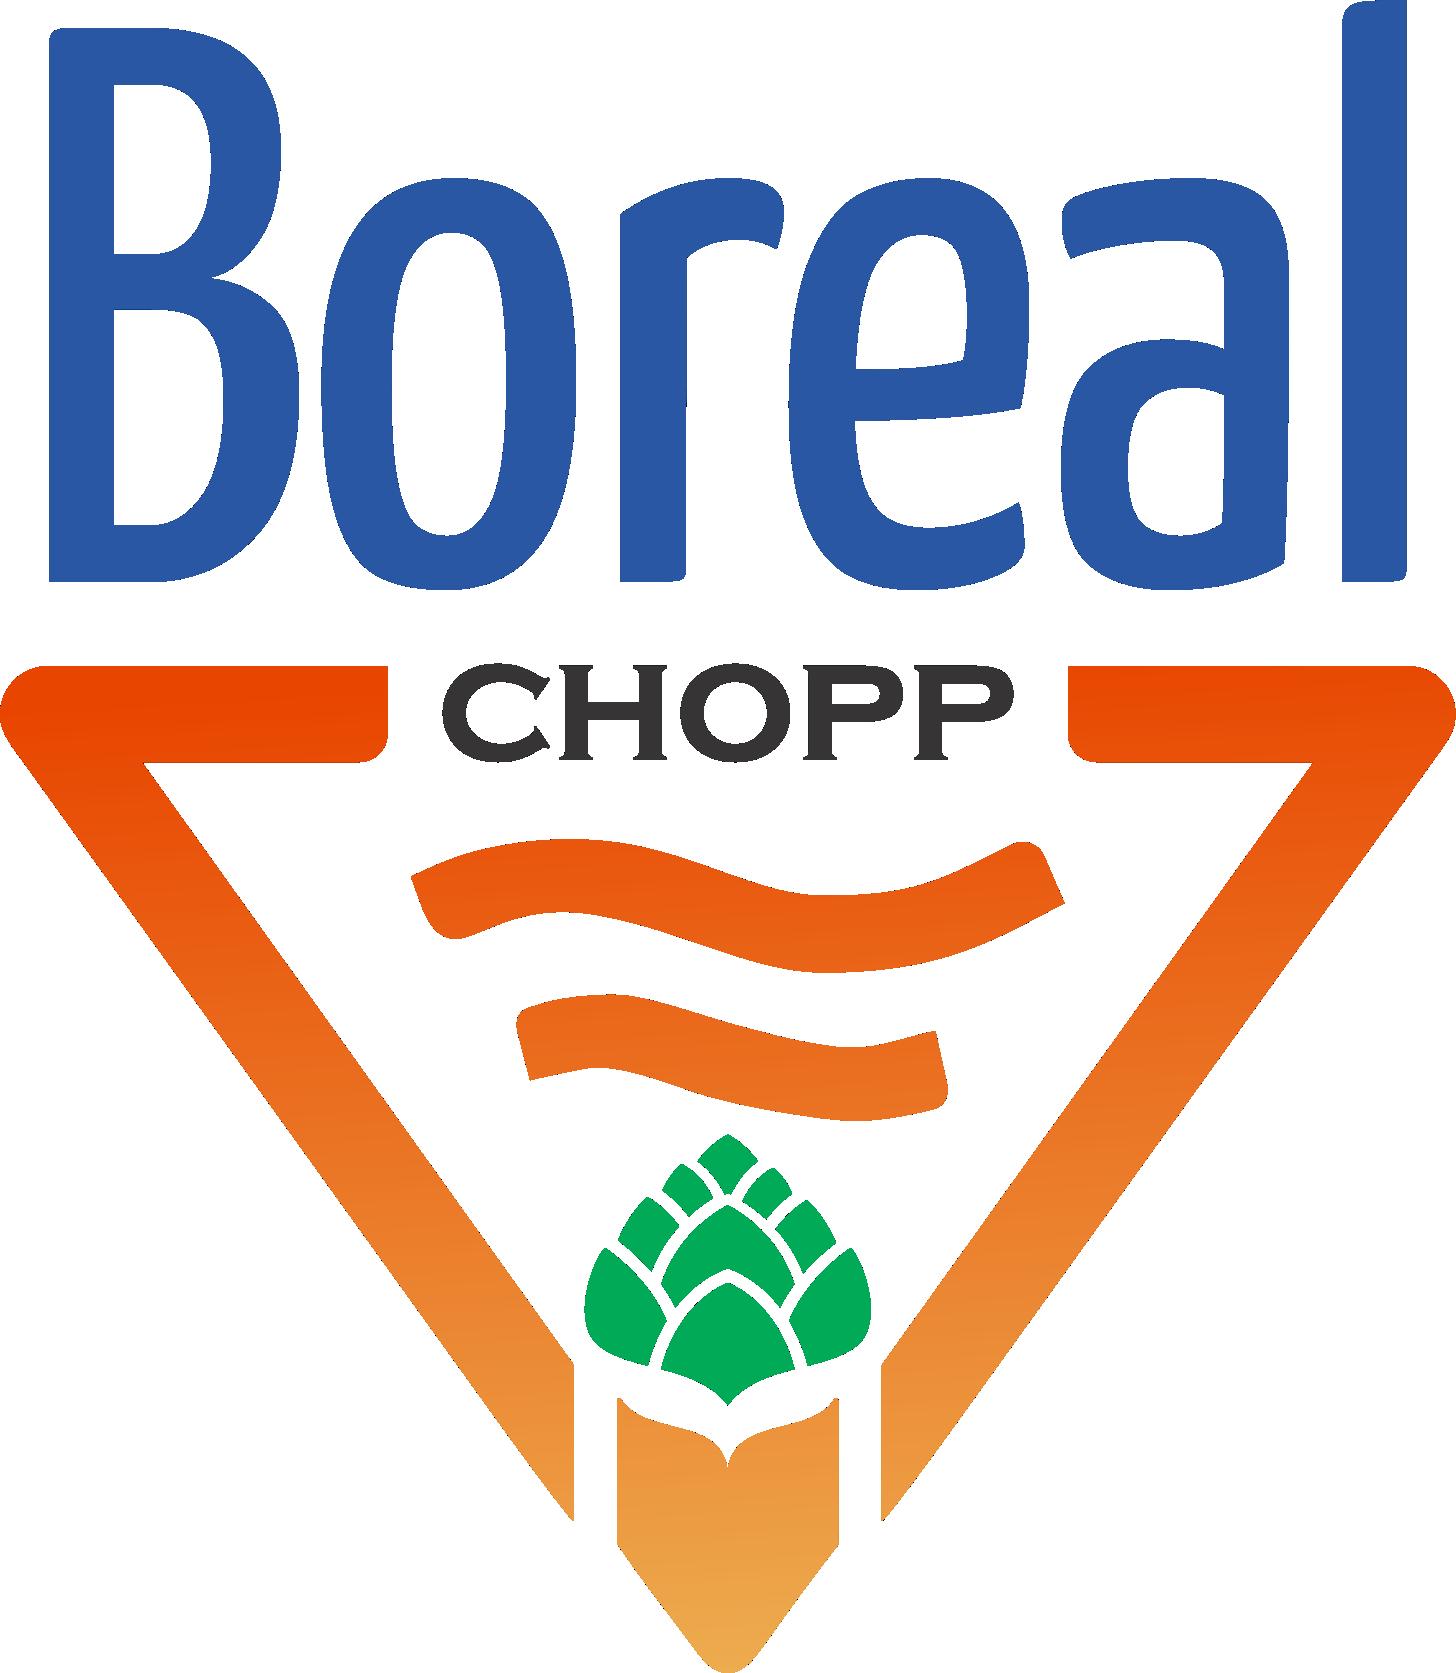 CHOPP BOREAL